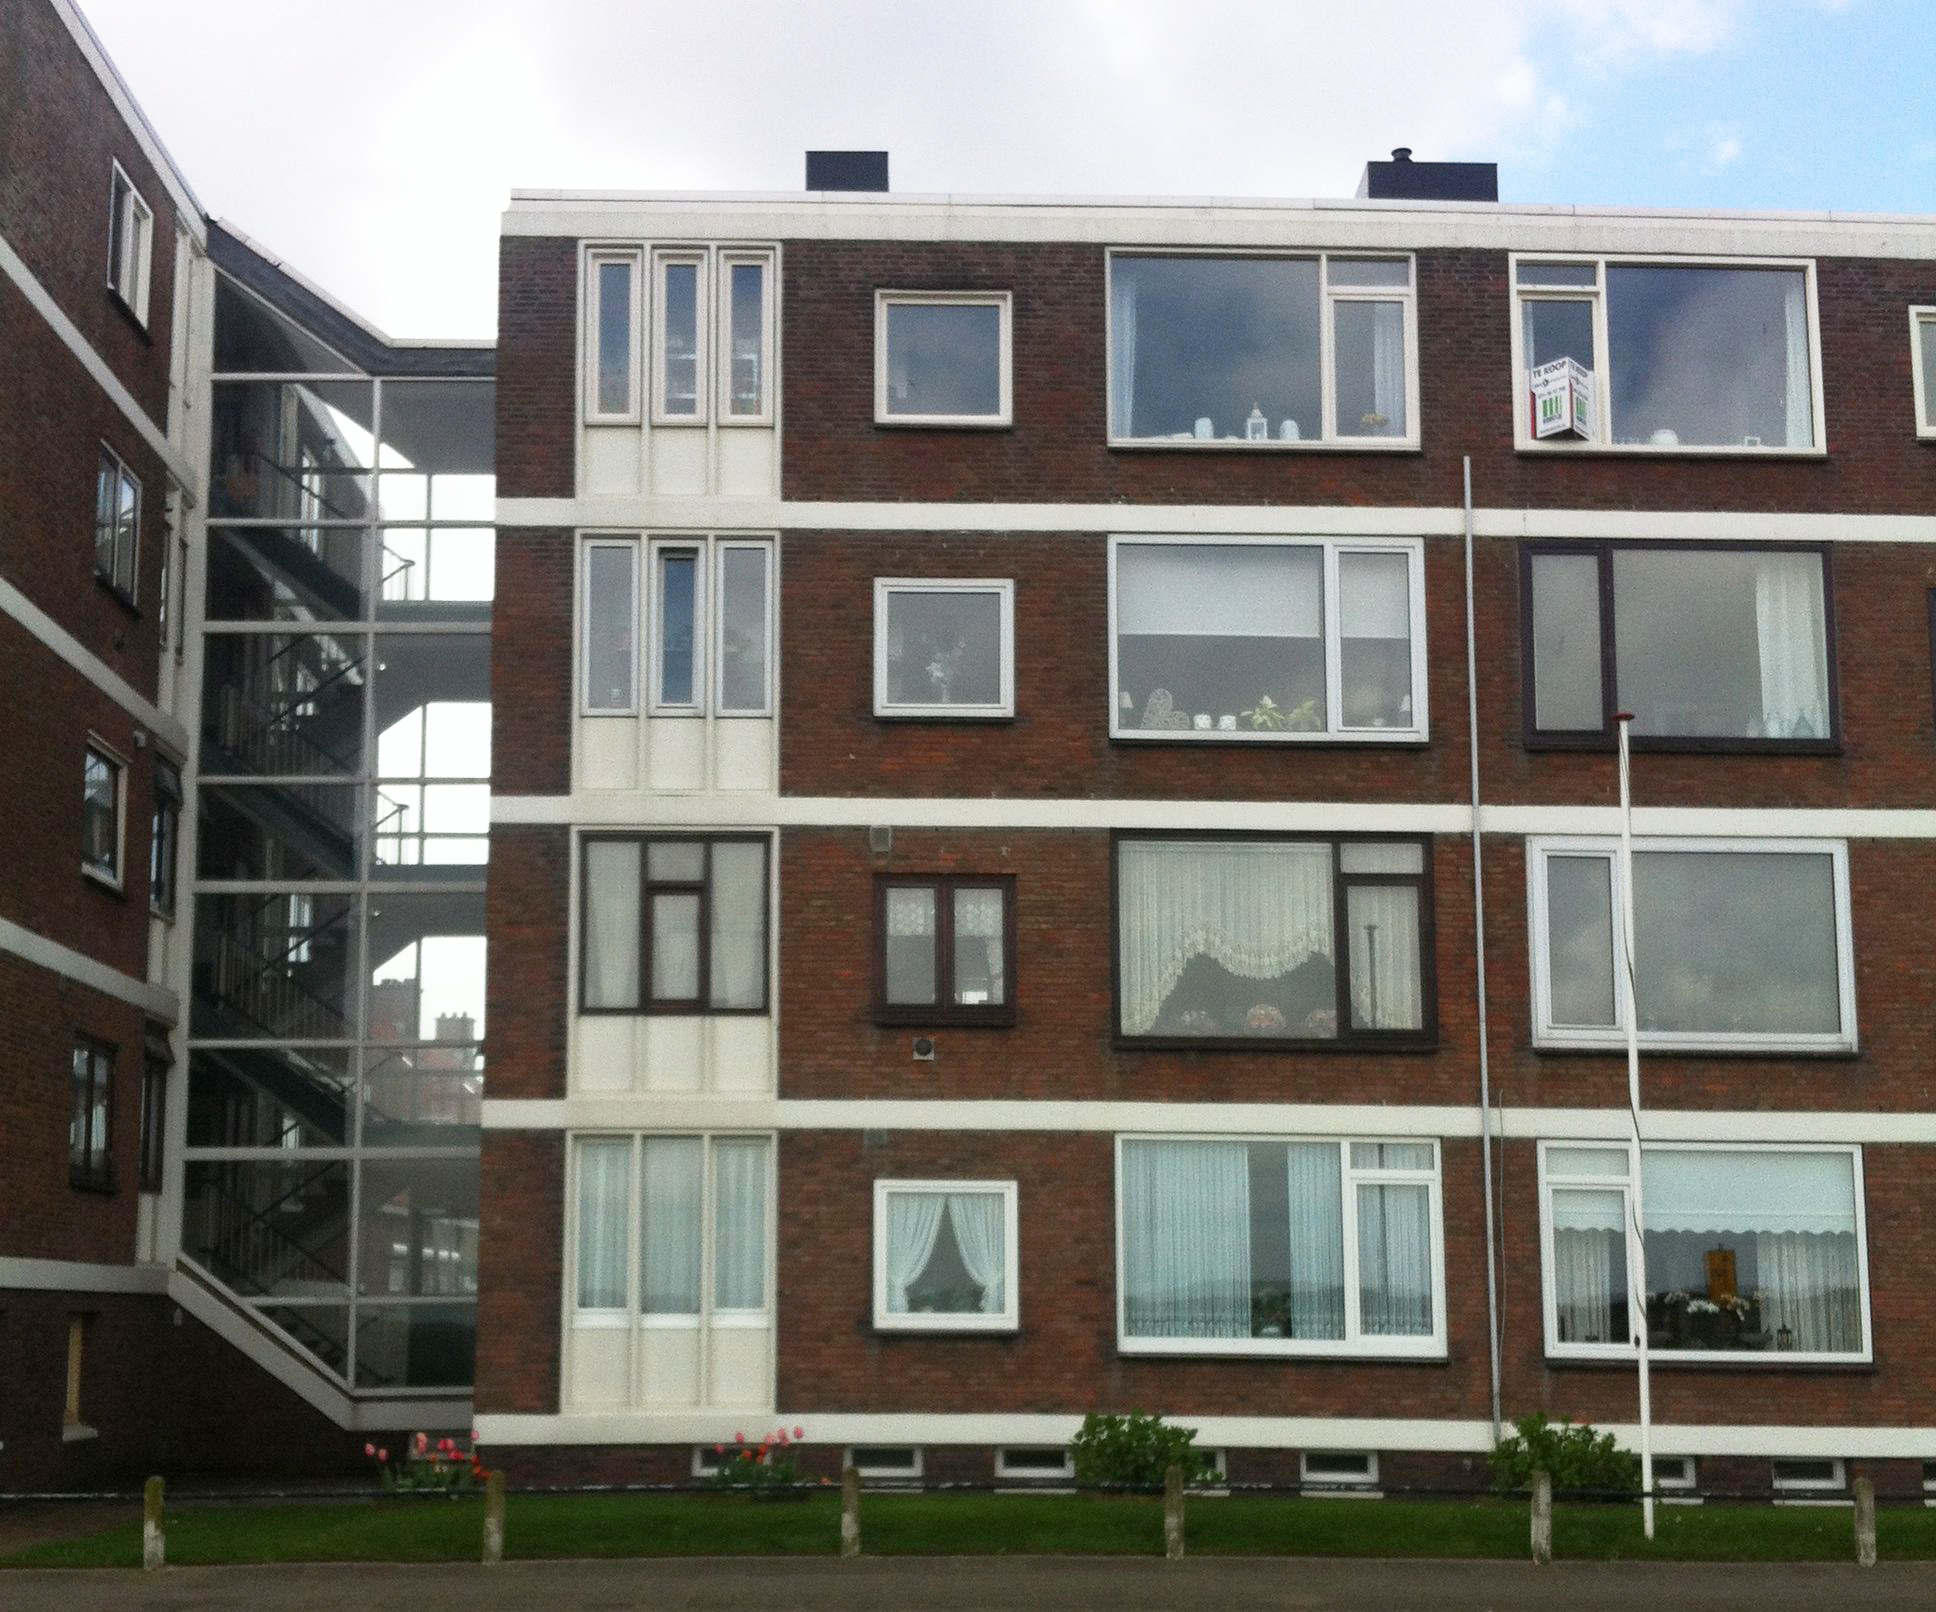 Apartment block in Katwijk, Netherlands